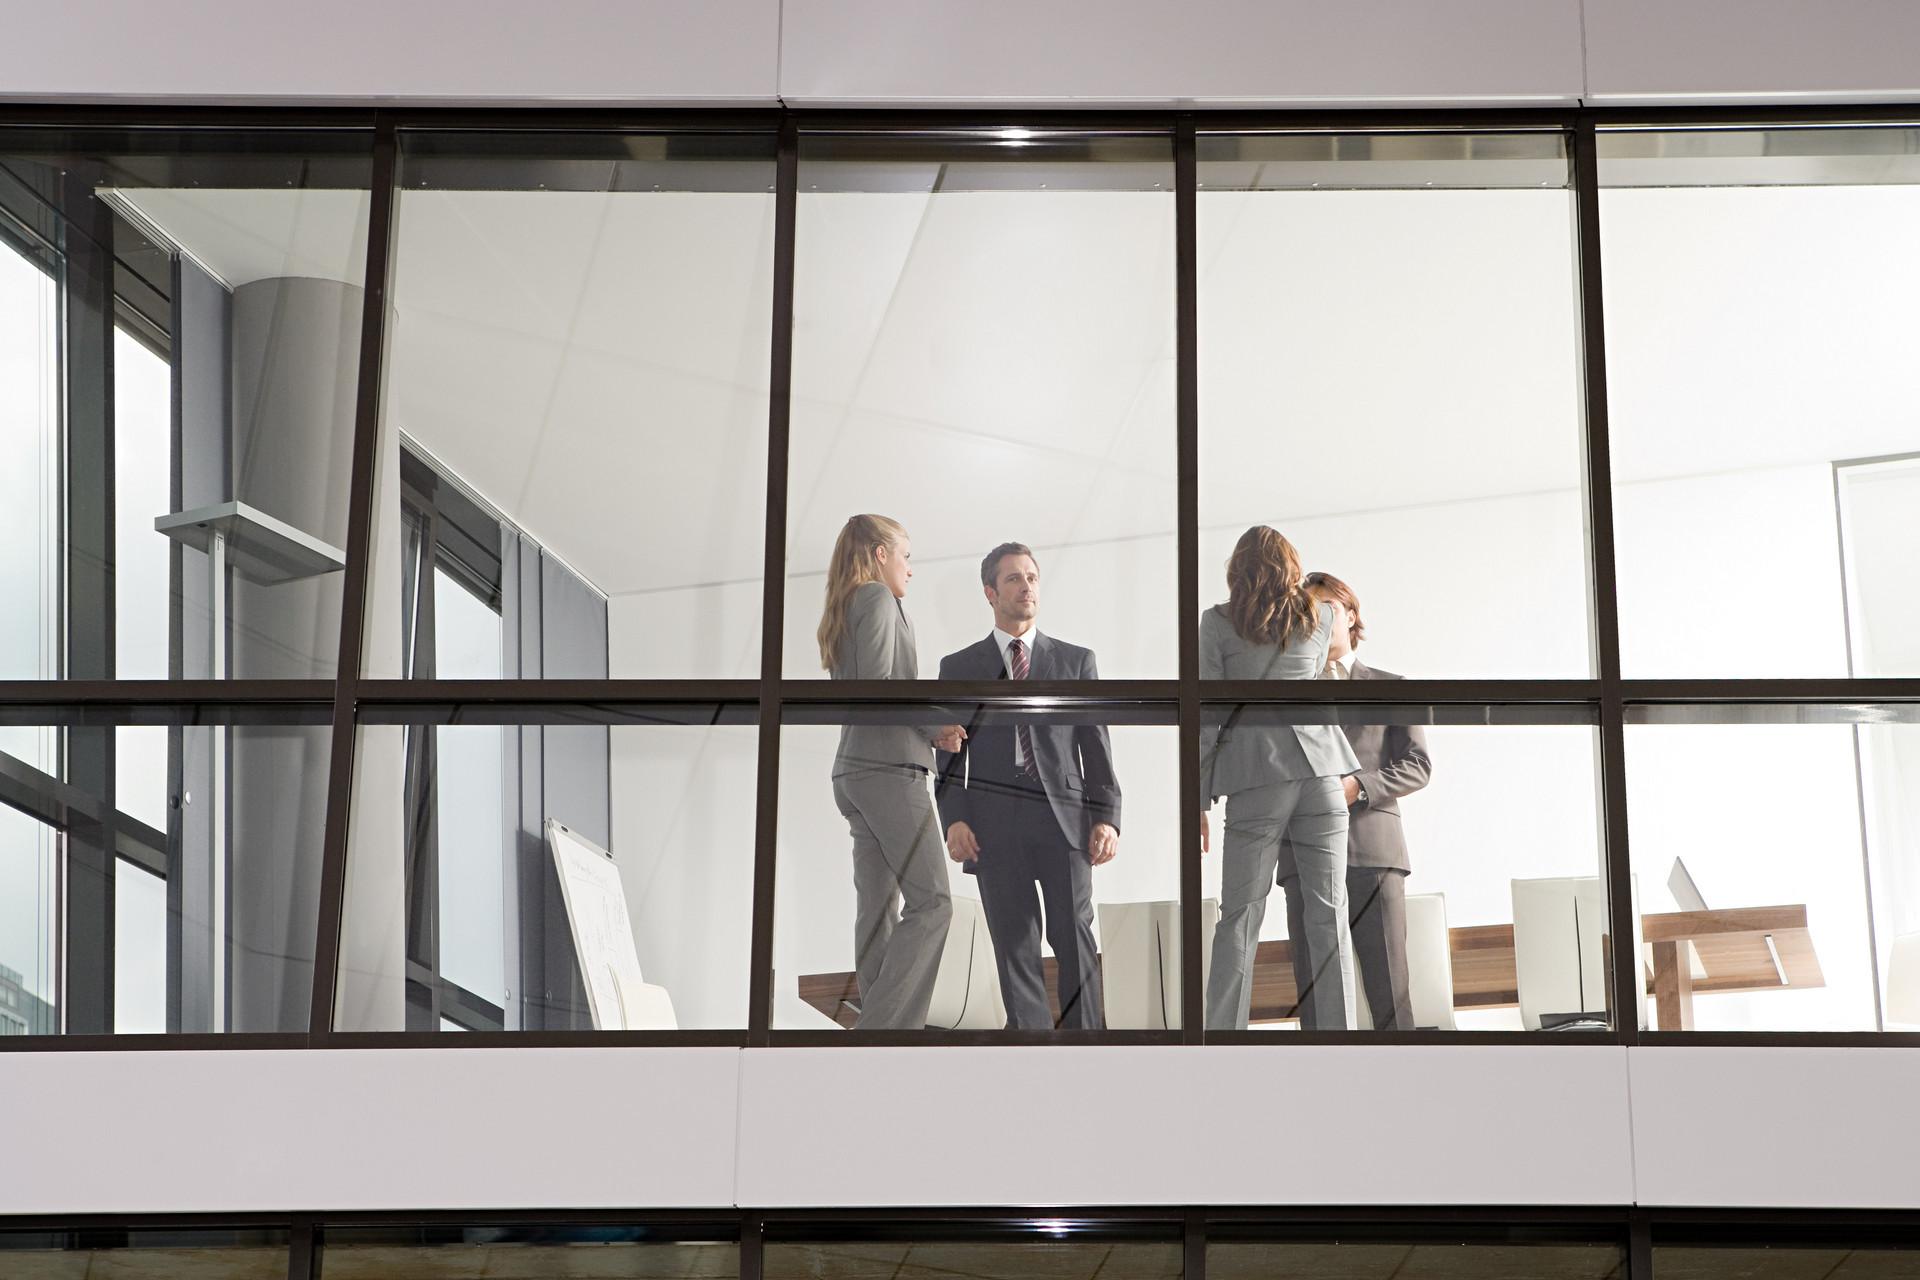 苏州社保代理企业为众多用户提供专业服务